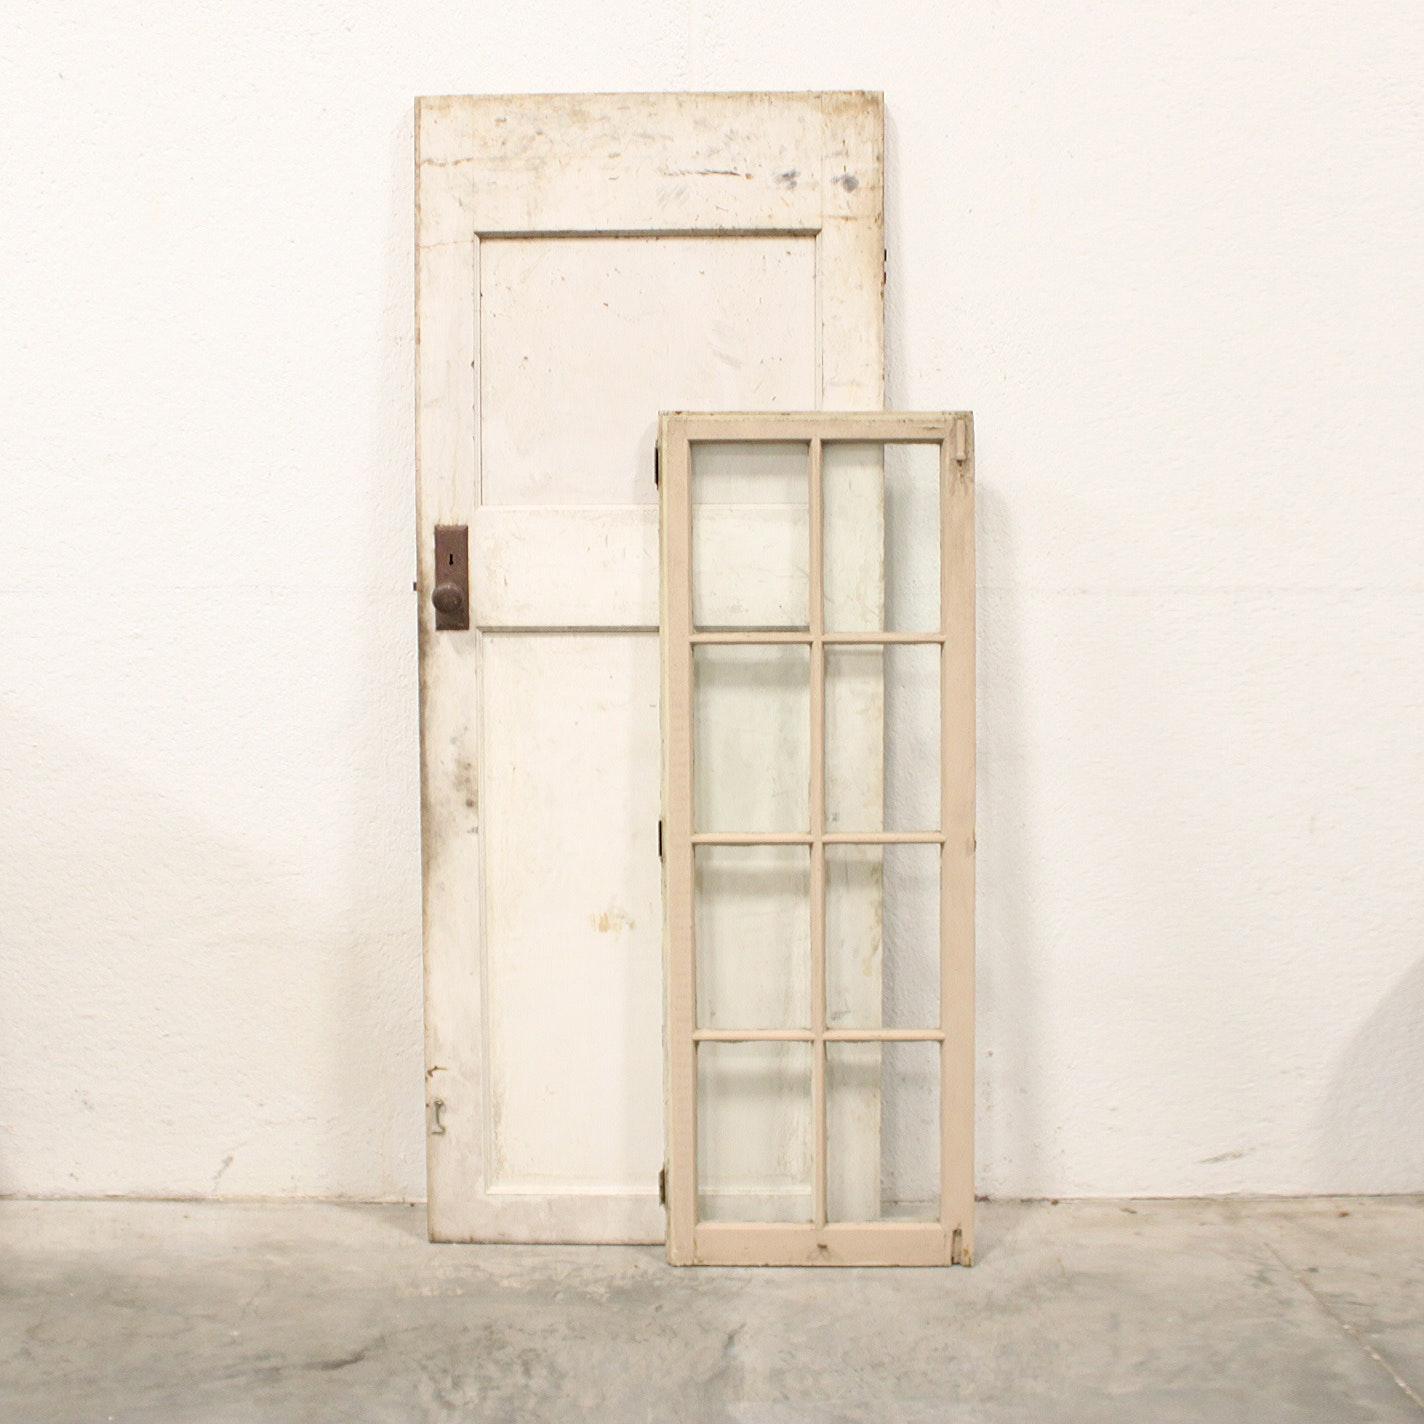 Vintage Wooden Door and Window Pane